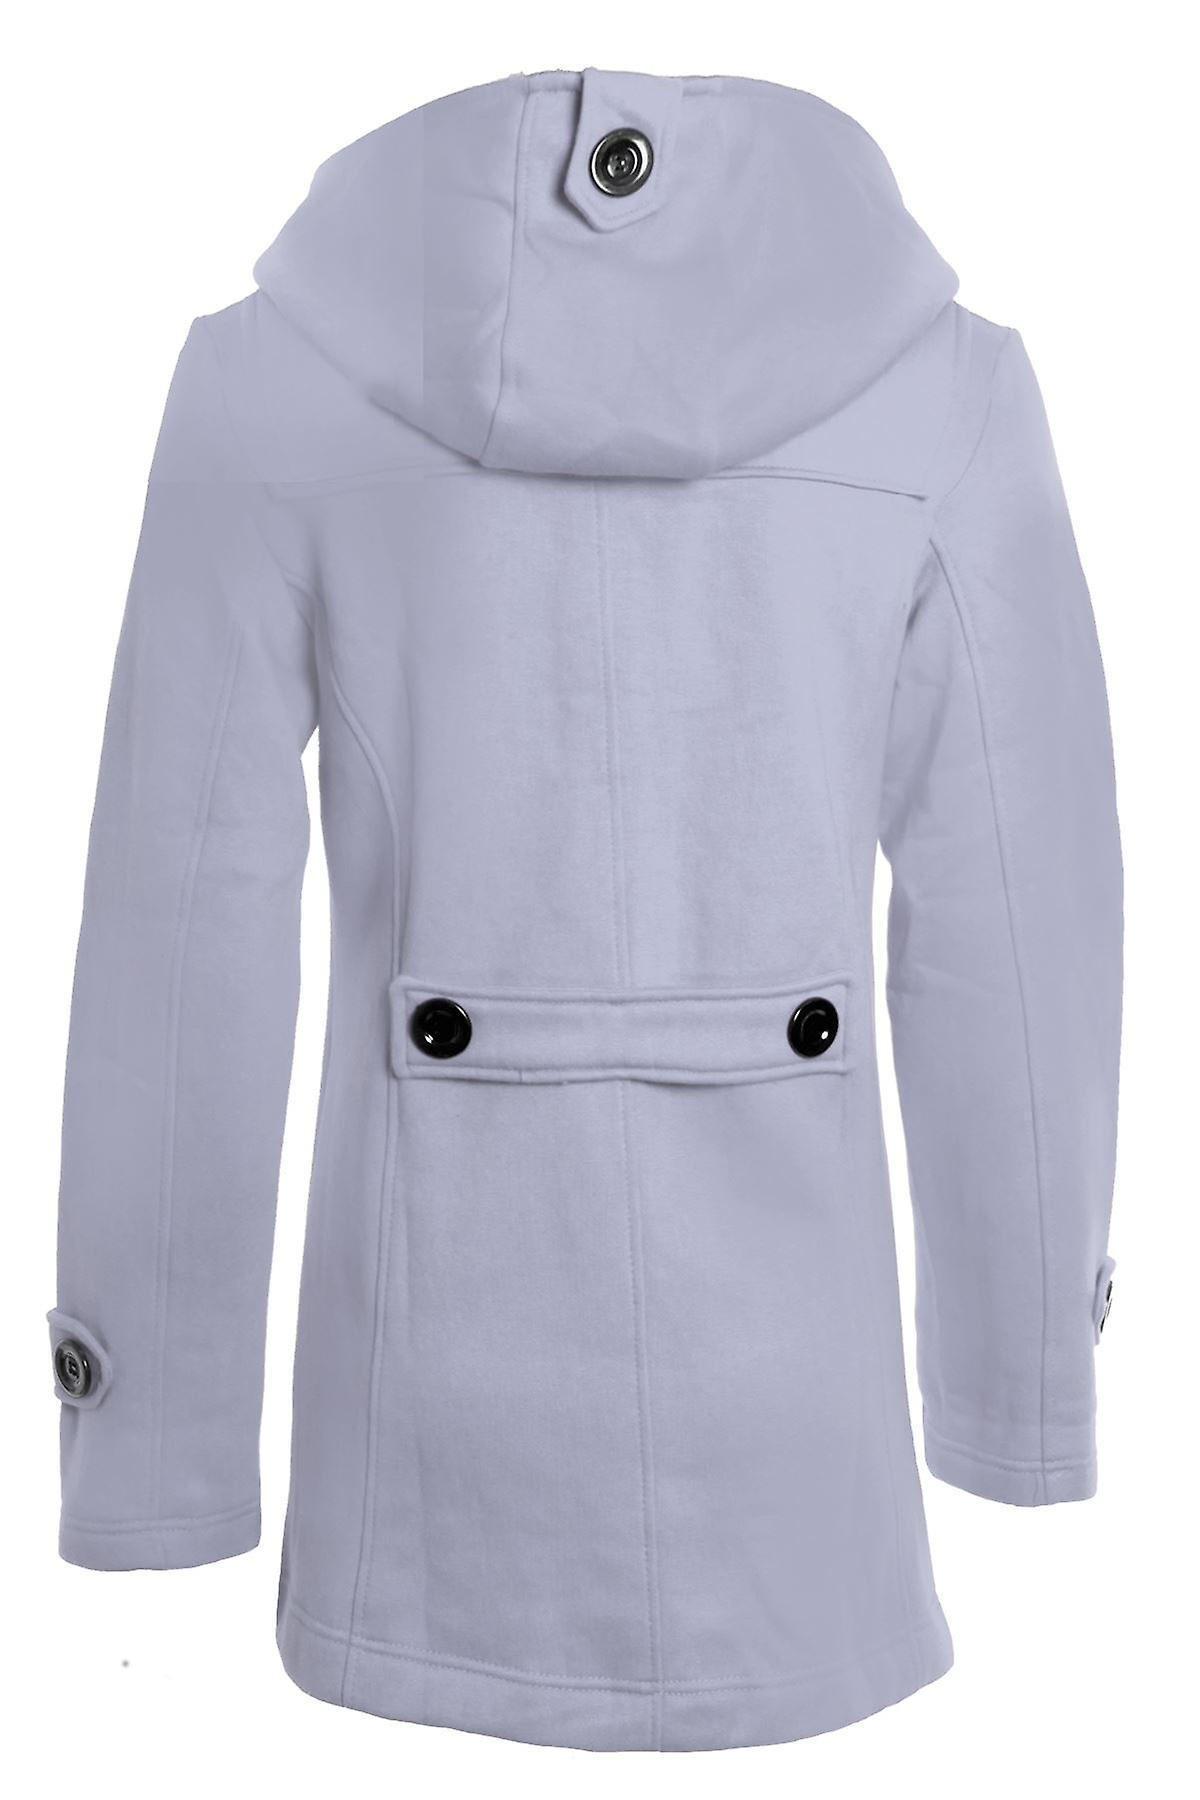 Uusi naisten duffeli kaivannon Hupparitakki Pocket Naisten takki